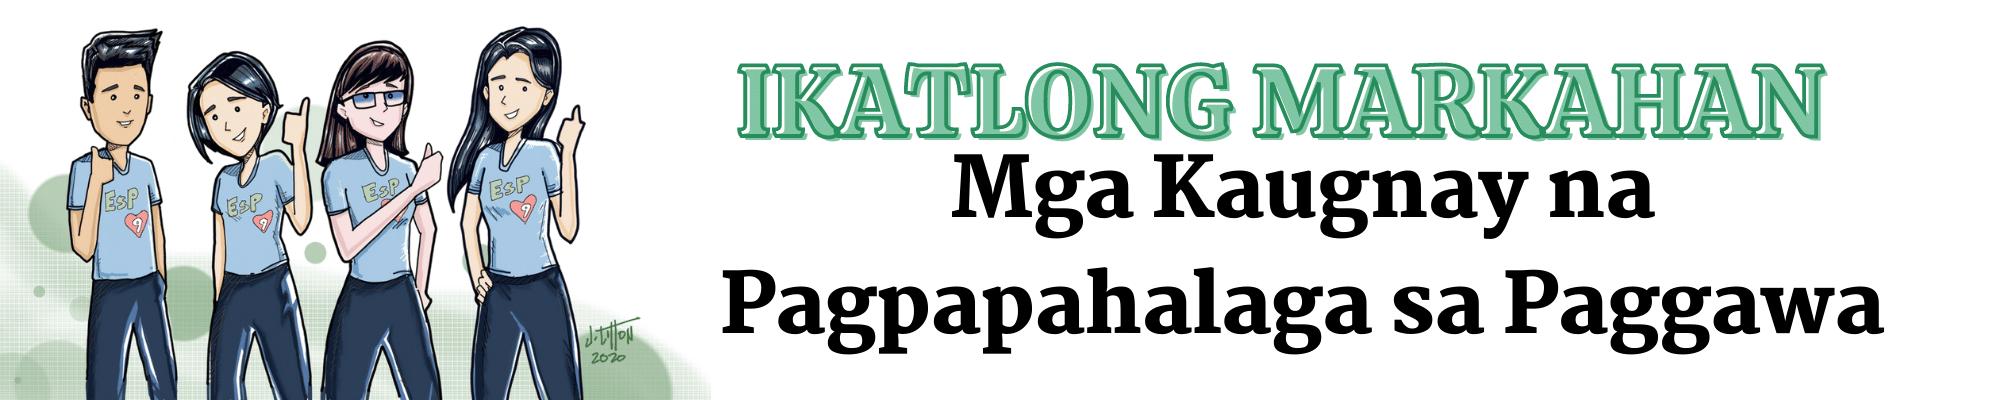 G9 - Edukasyon sa Pagpapakatao - Ikatlong Markahan: Mga Kaugnay na Pagpapahalaga sa Paggawa